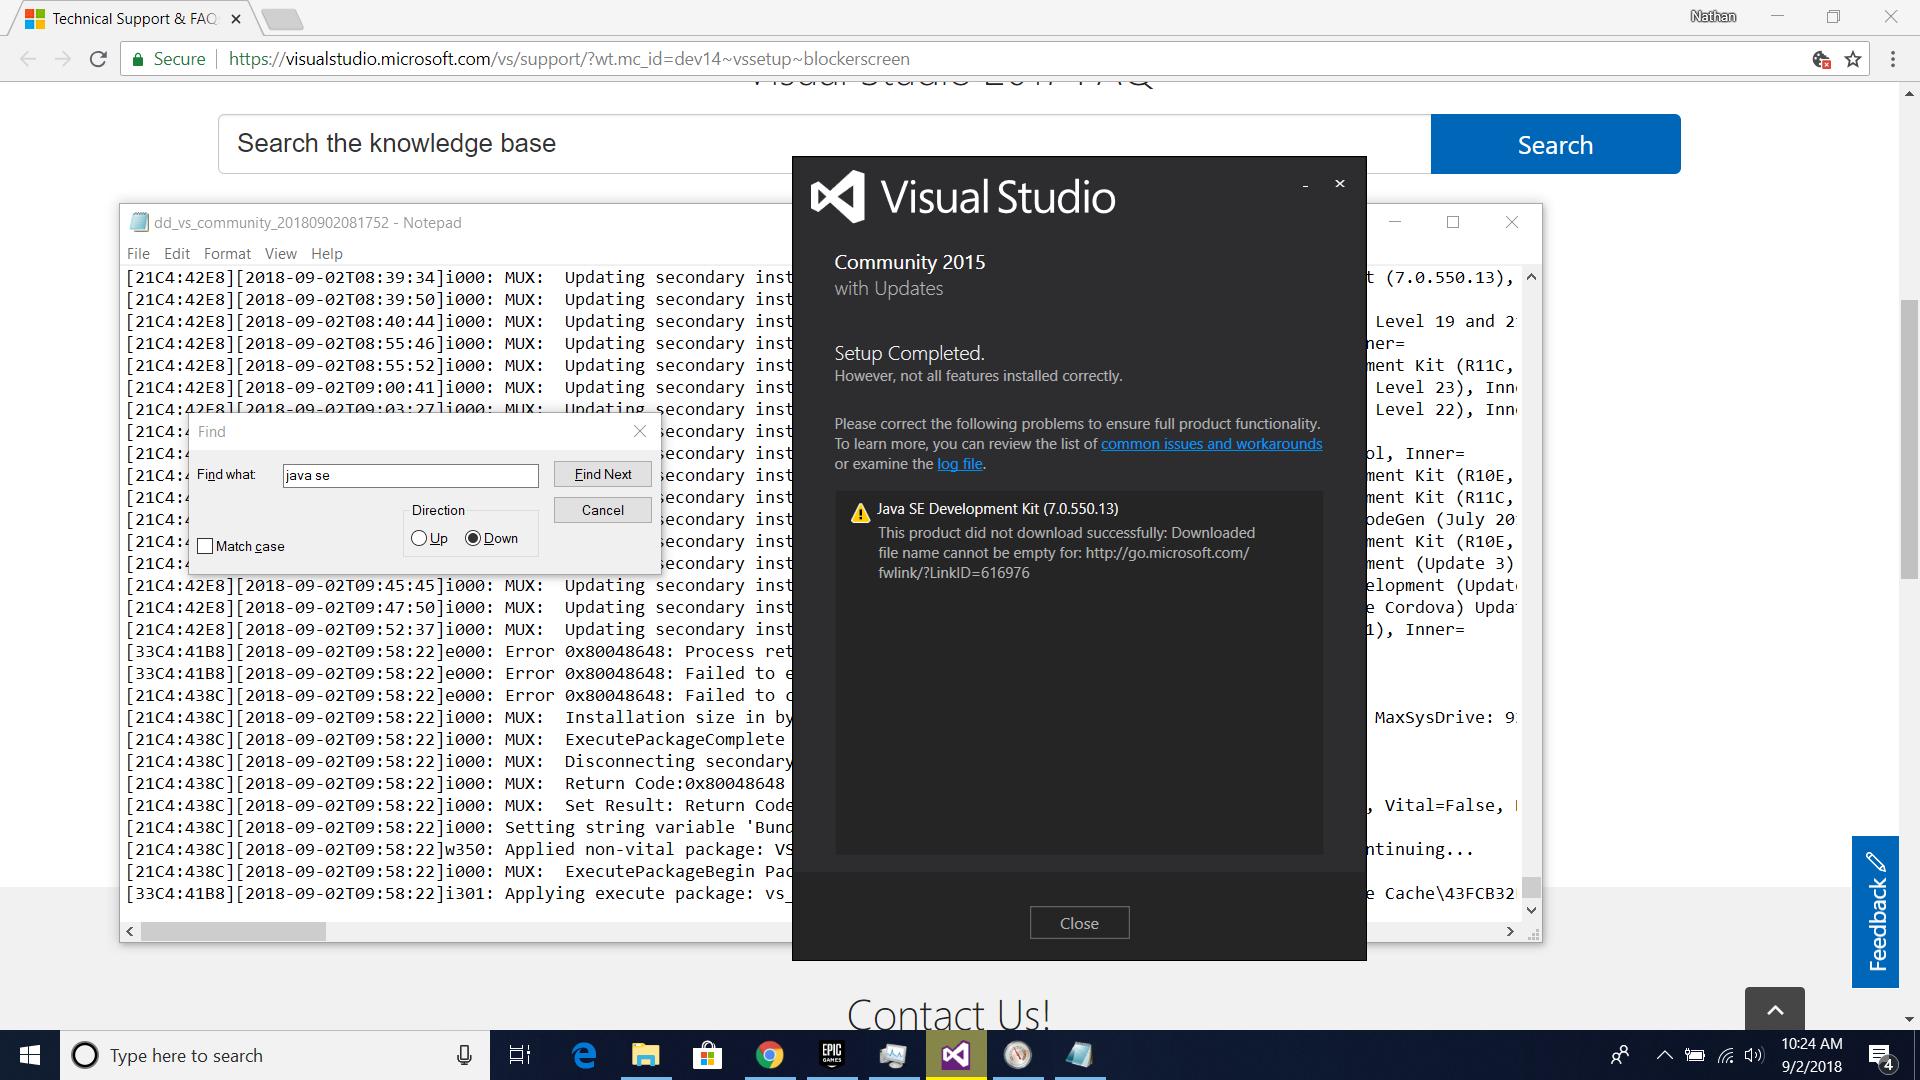 Java 7 Update 151 Download